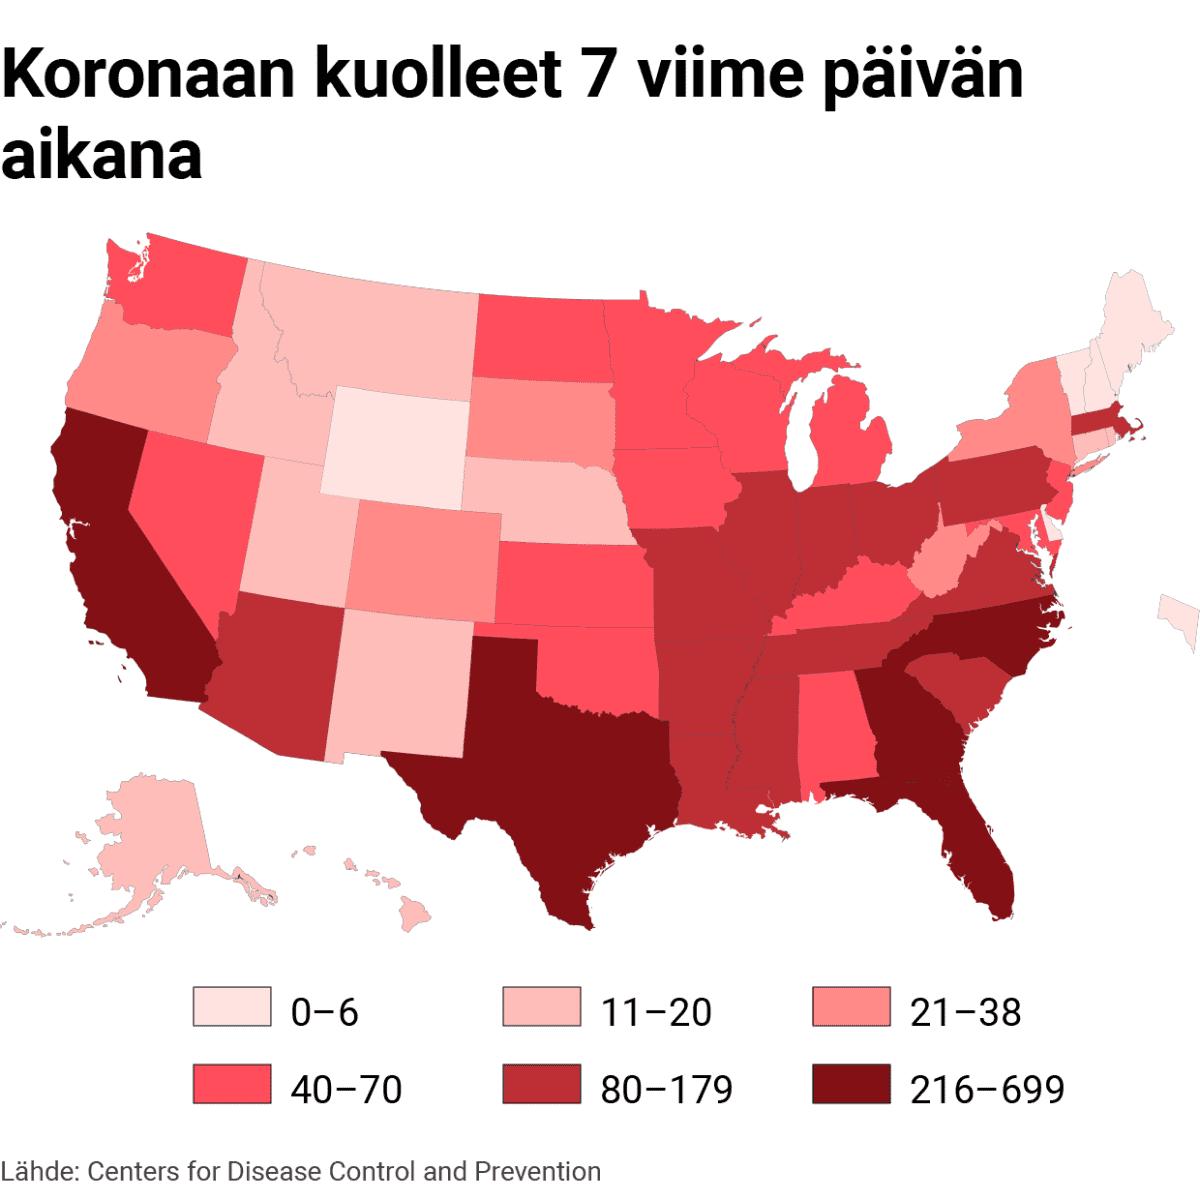 Infokartta Yhdysvalloissa koronaan kuolleista 7 viime päivän aikana.